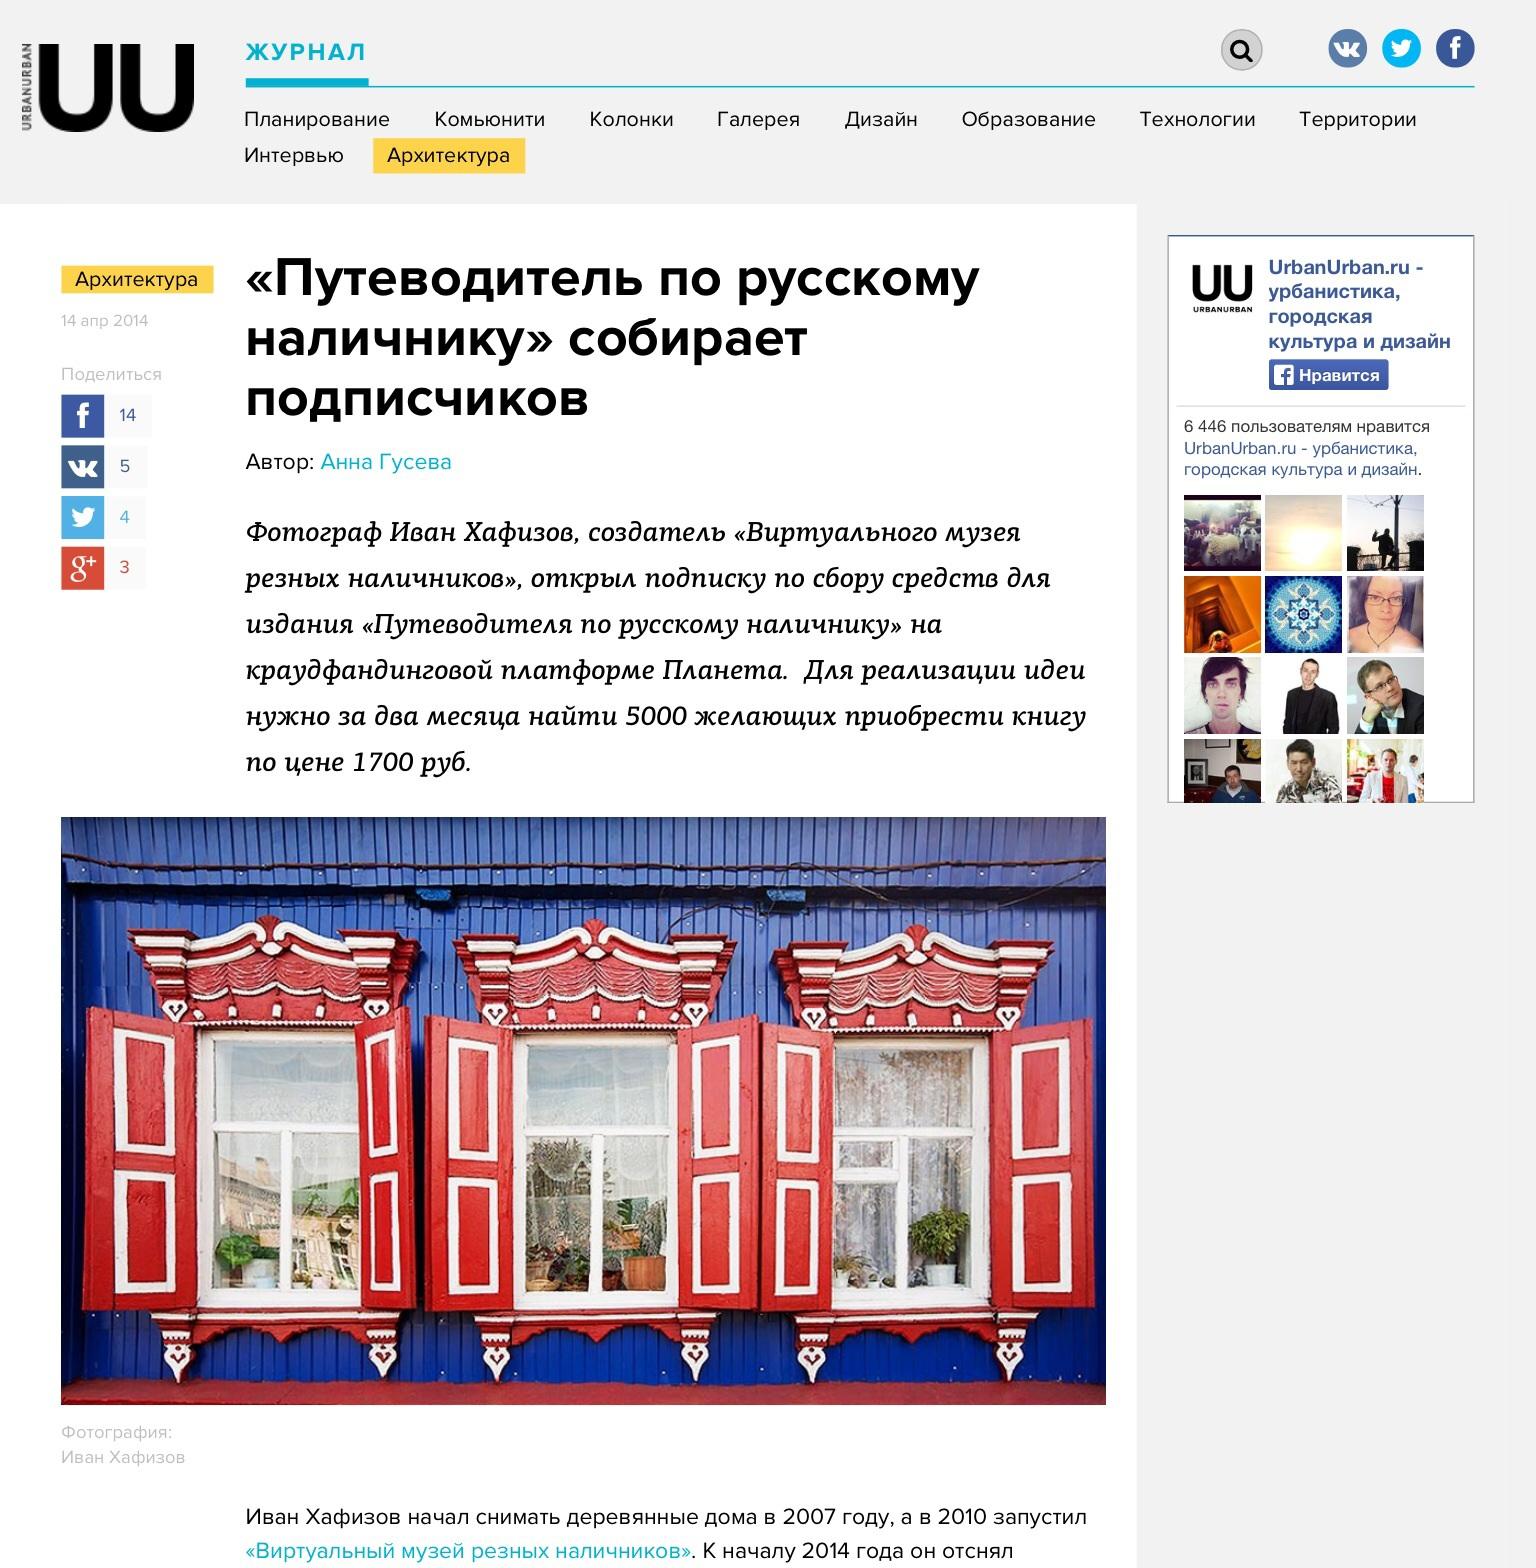 Заголовок статьи о «Путеводителе по русскому наличнику» на Urbanurban